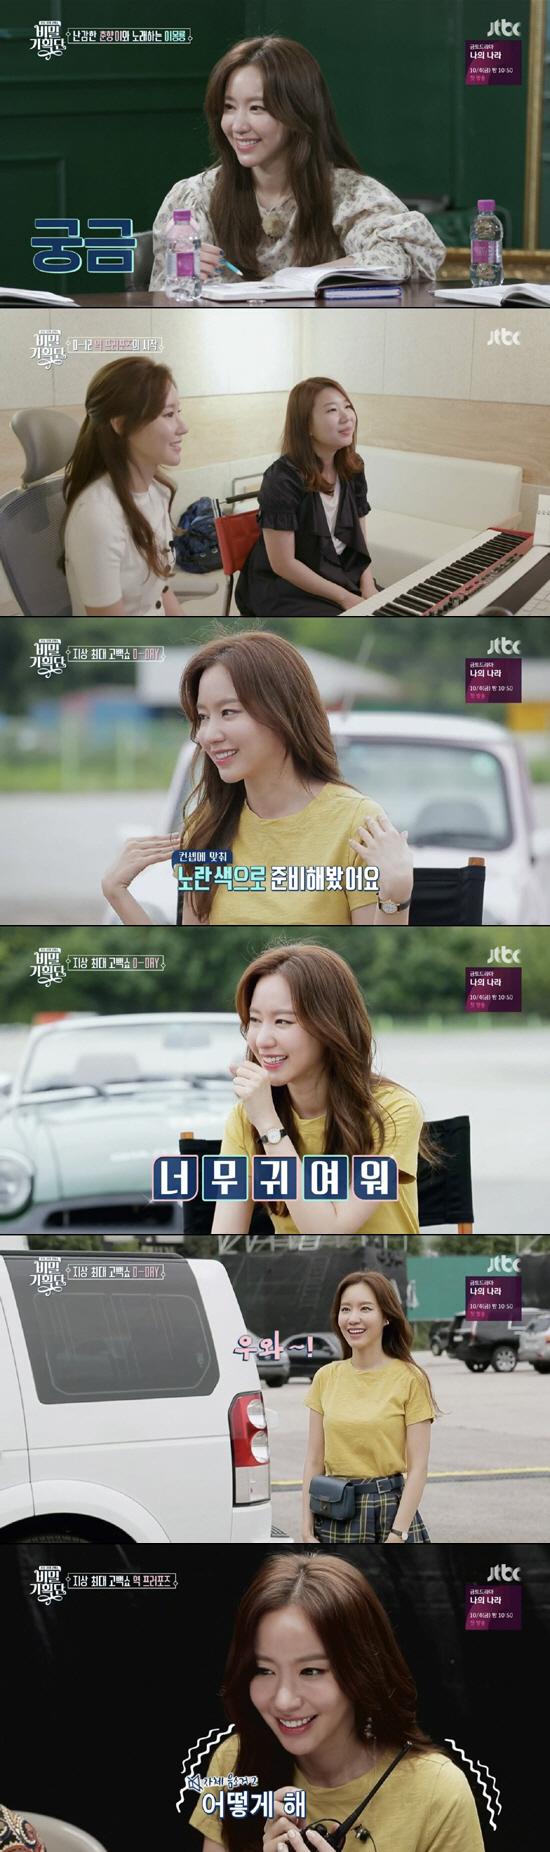 김아중의 예능 복귀 반가워…JTBC'비밀 기획단'의 공감 요정